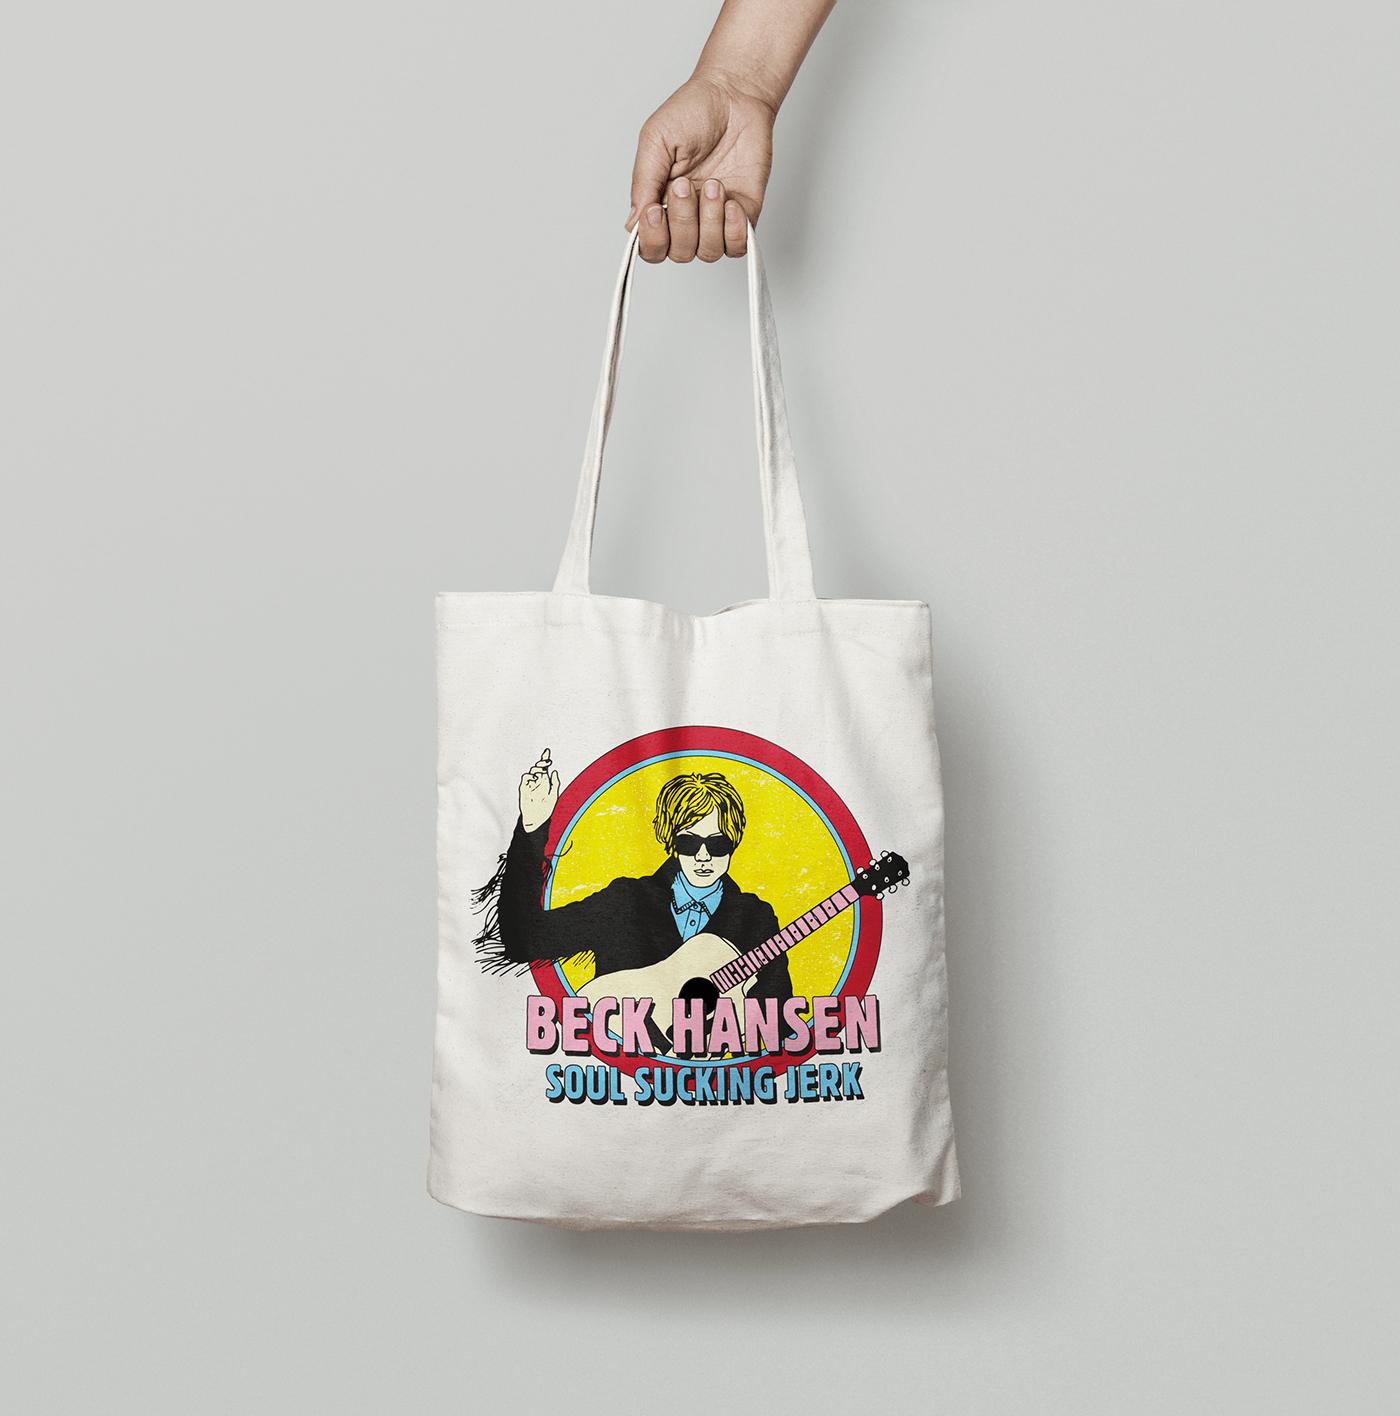 Image may contain: person and handbag